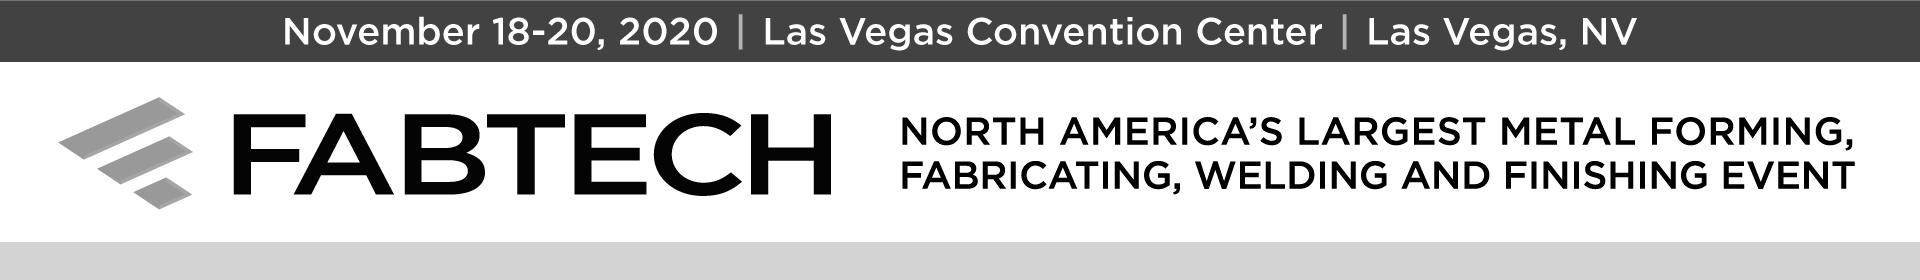 FABTECH 2020 Event Banner